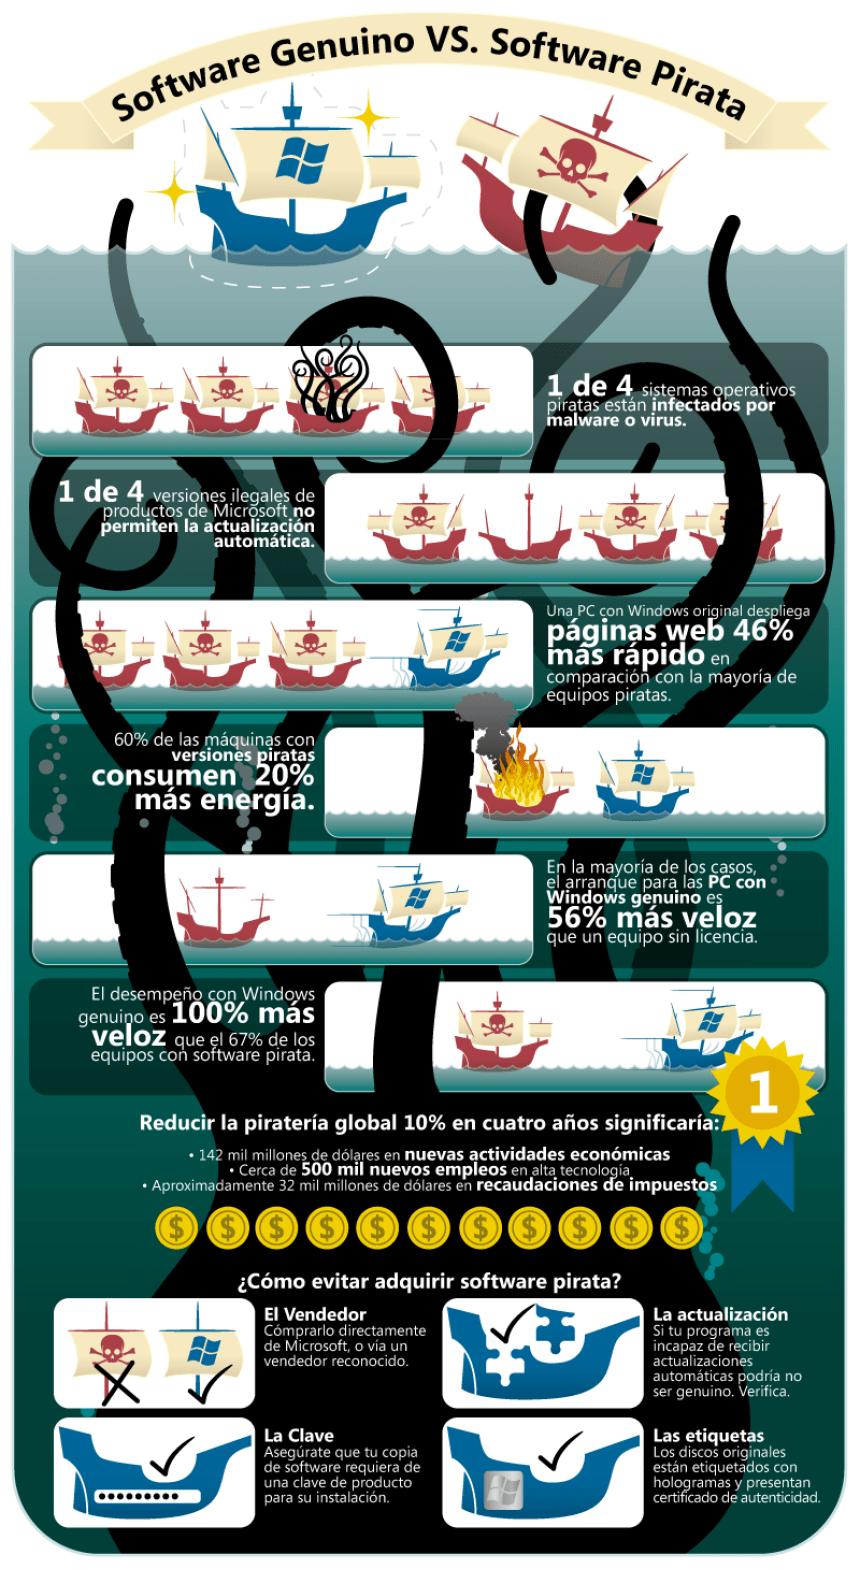 Software original vs software pirata